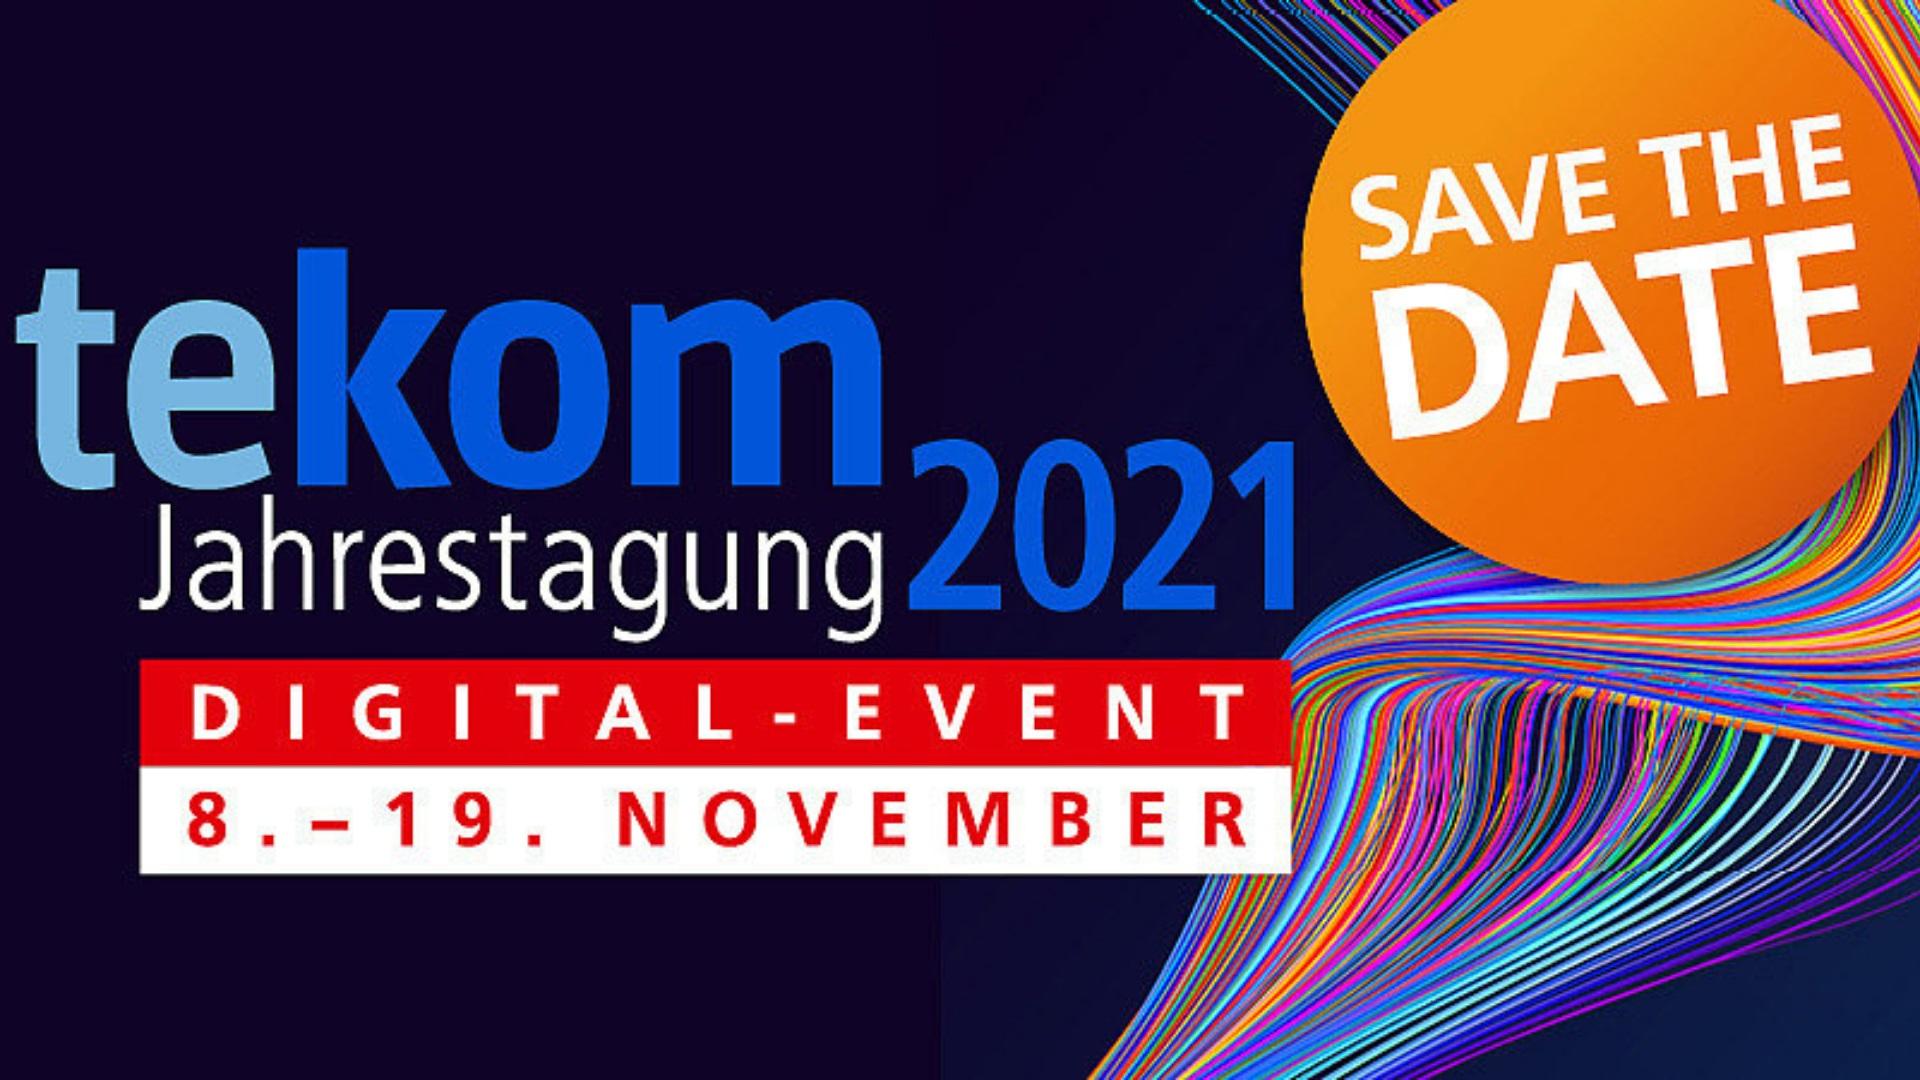 tekom-Jahrestagung 2021 vom 8. bis 19. November